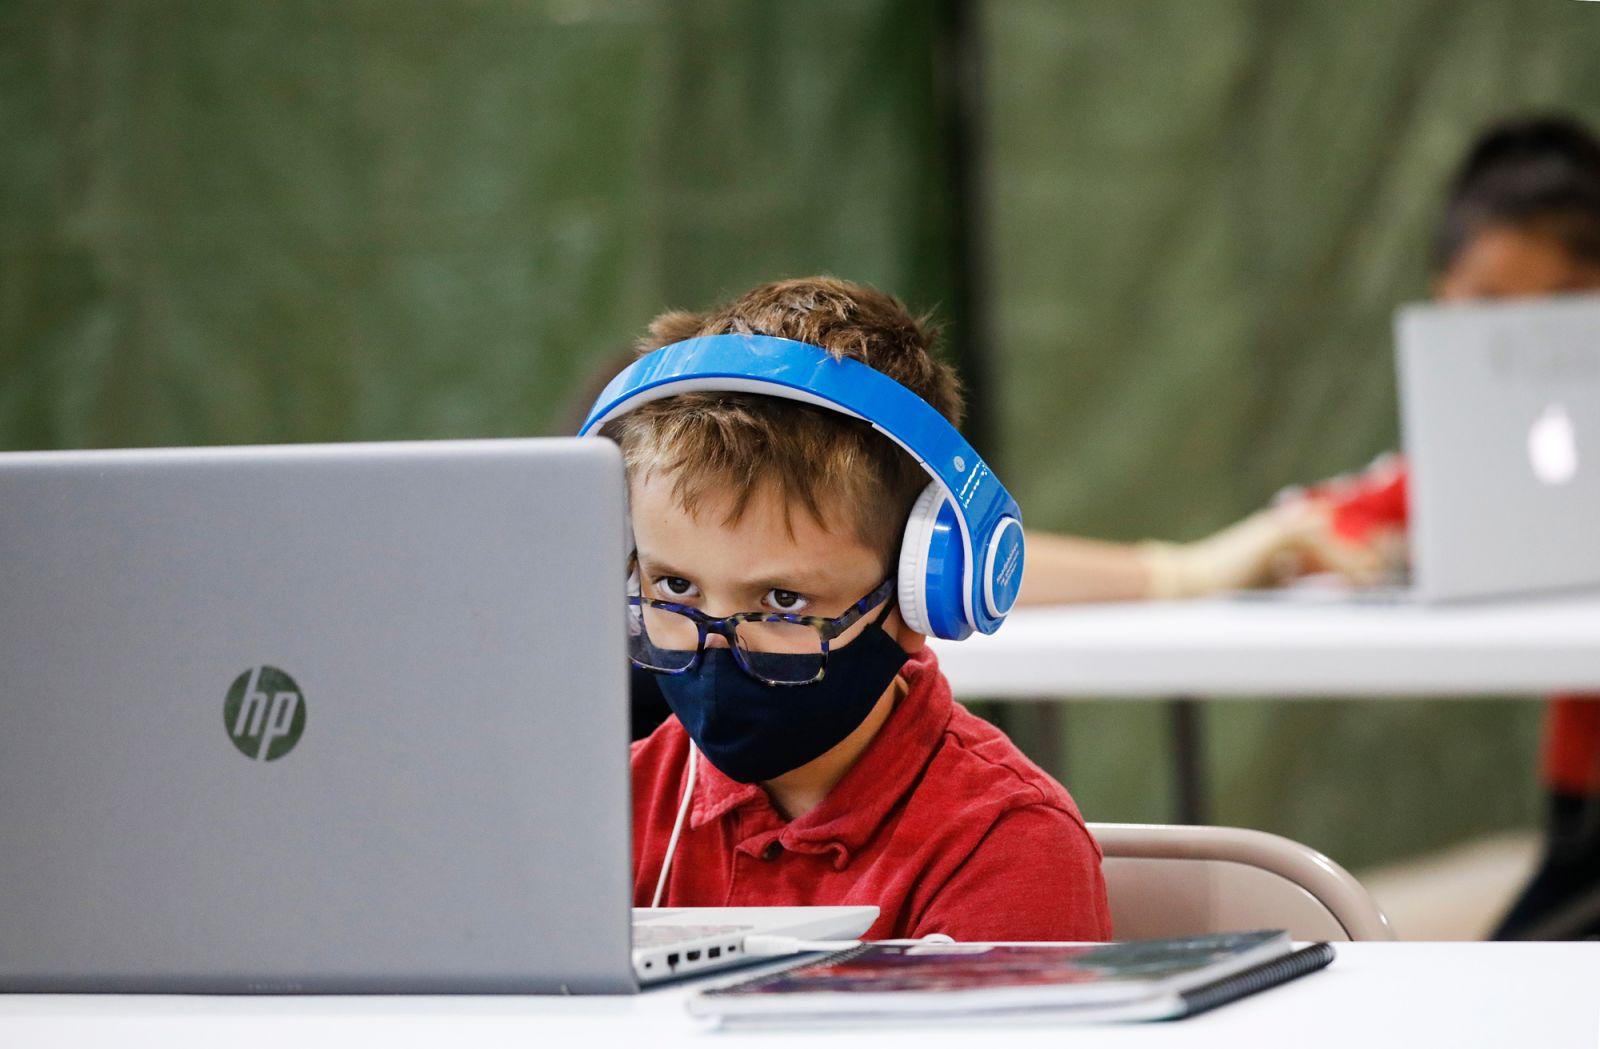 Những lớp học trên mây kết hợp với hình thức học truyền thống đang trở nên quen thuộc với học sinh trong mùa COVID-19 - Ảnh: Al Seib/LA Times/Getty Images